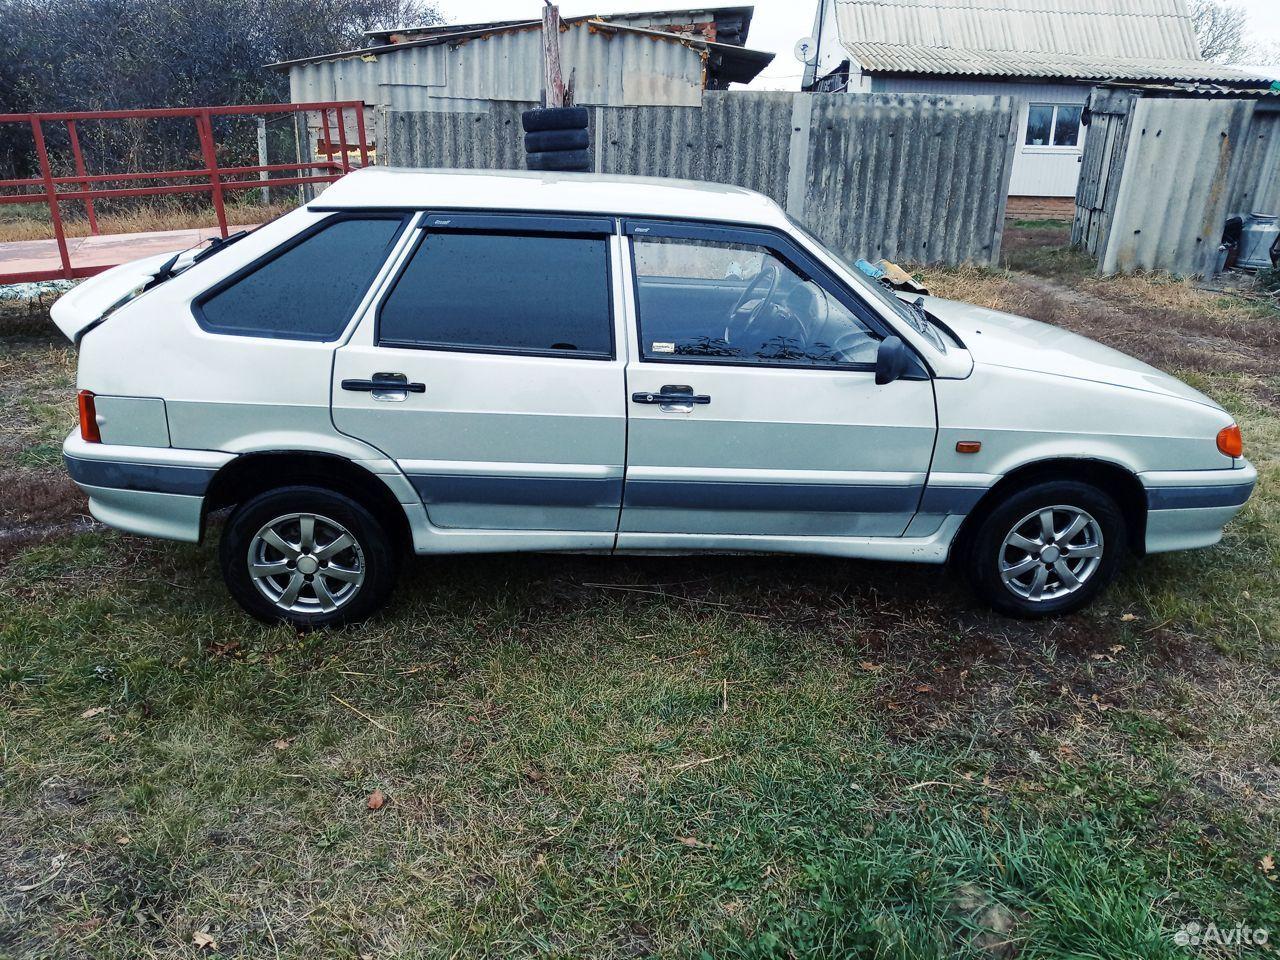 ВАЗ 2114 Samara, 2005 89606293508 купить 3